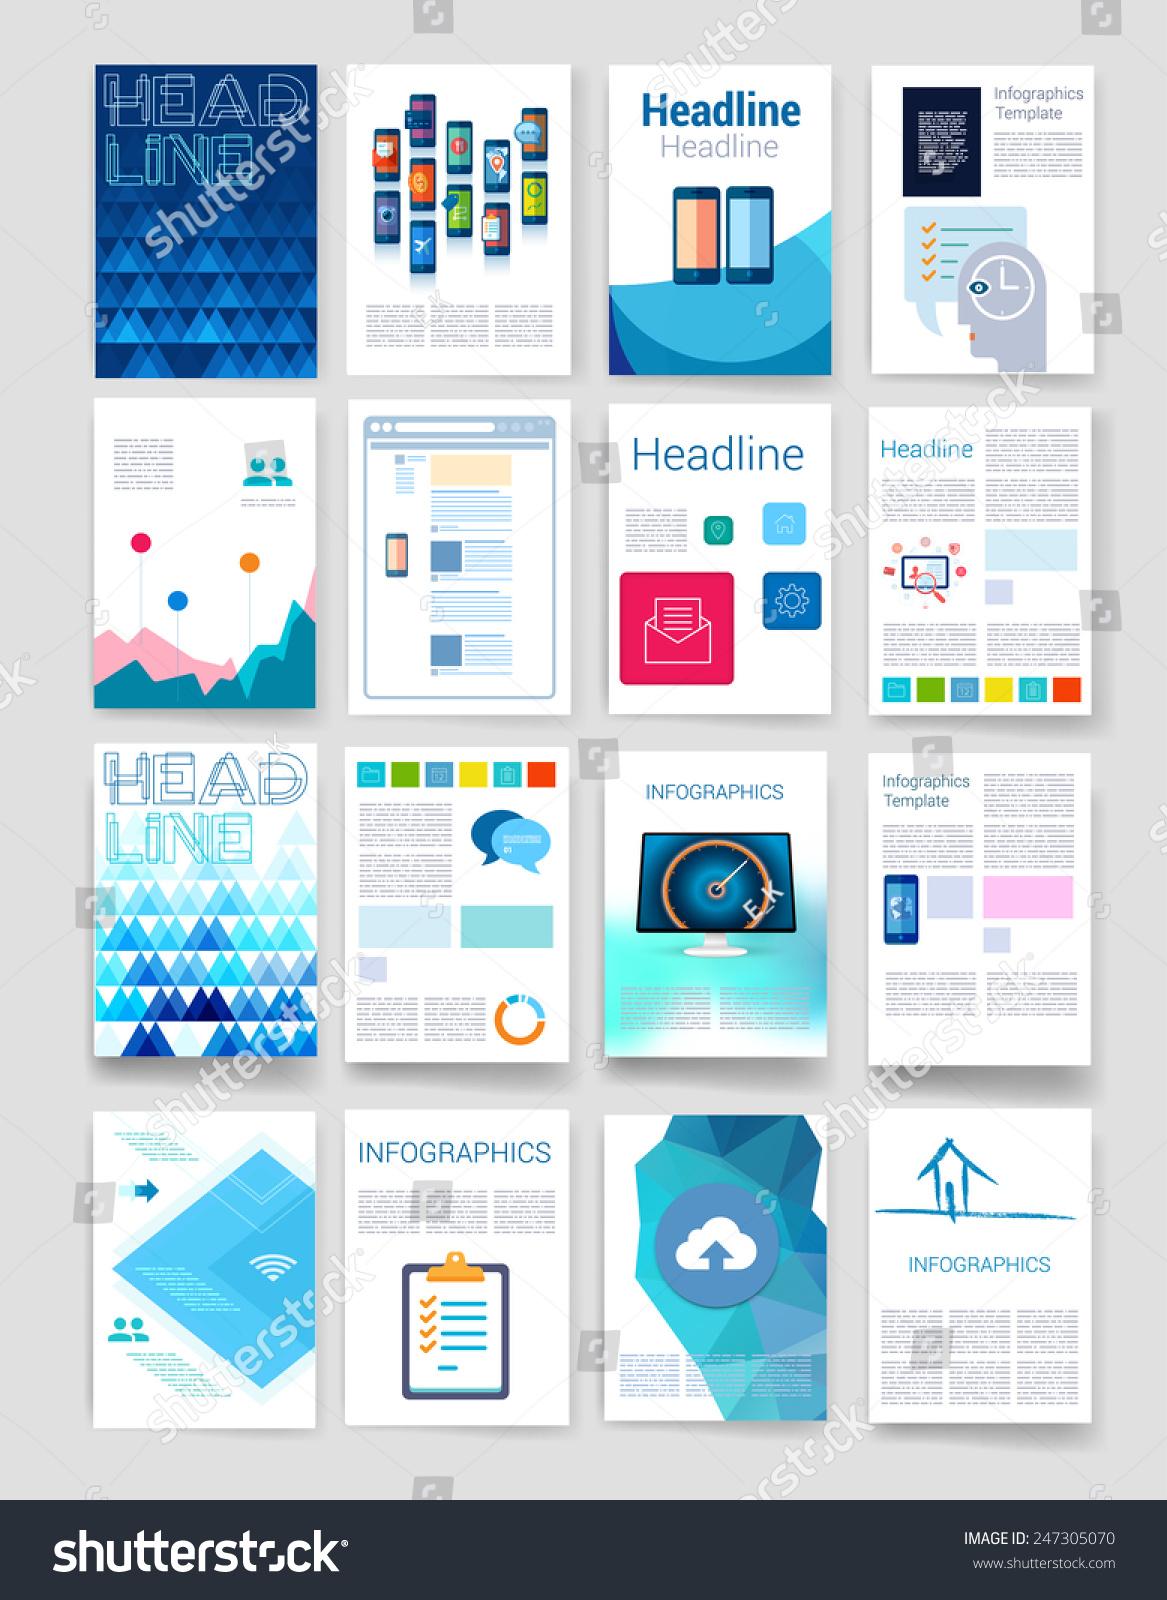 模板.传单,小册子设计模板.移动技术,应用和信息图表的概念.